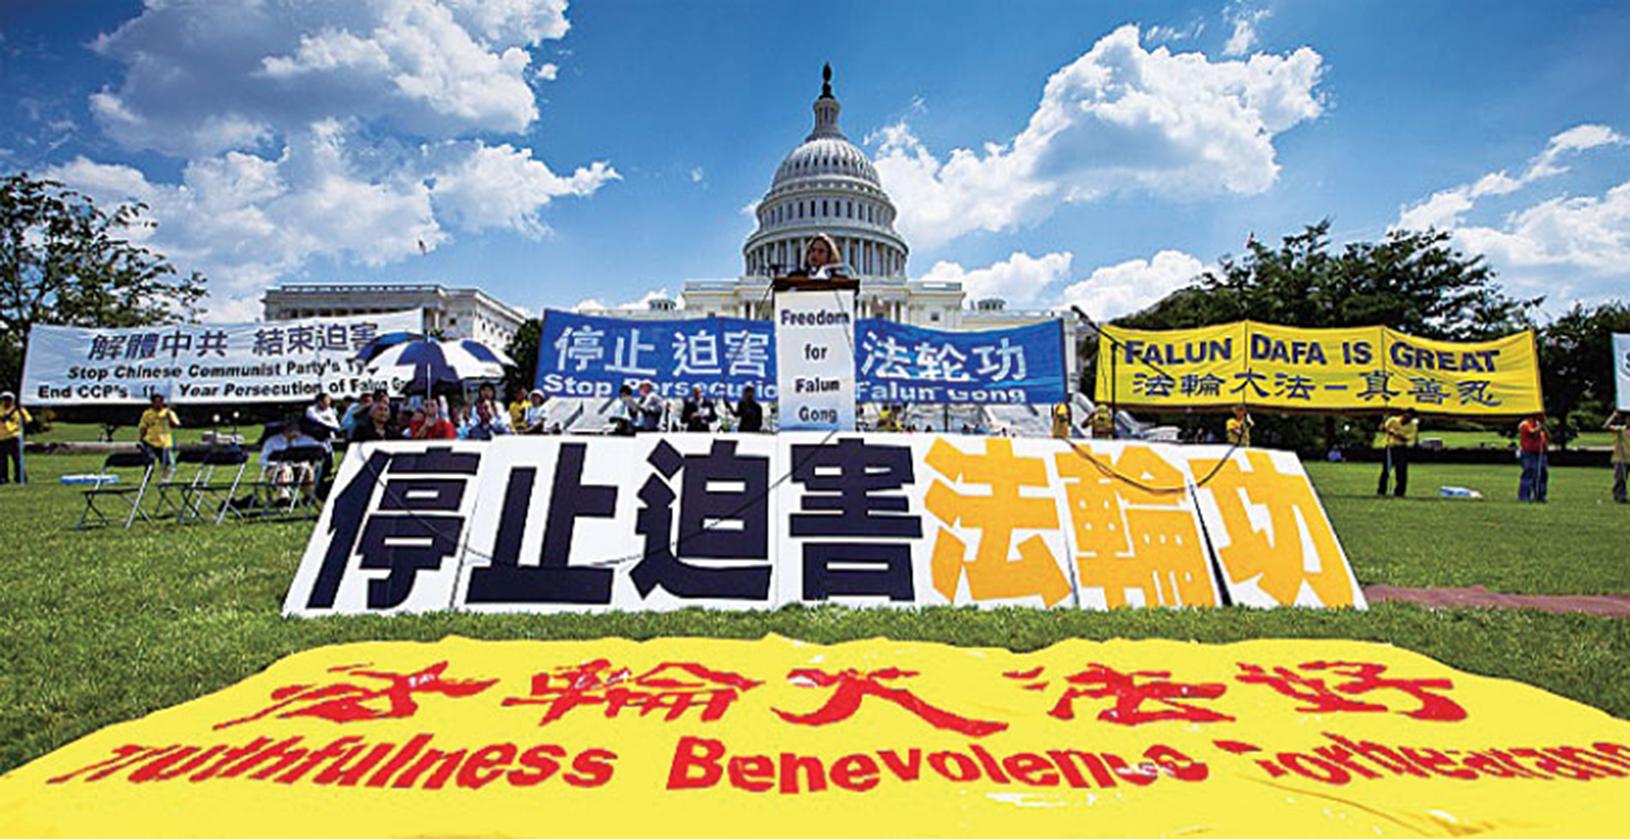 圖為法輪功學員在美國首都華盛頓呼籲制止中共迫害法輪功。(大紀元資料室)